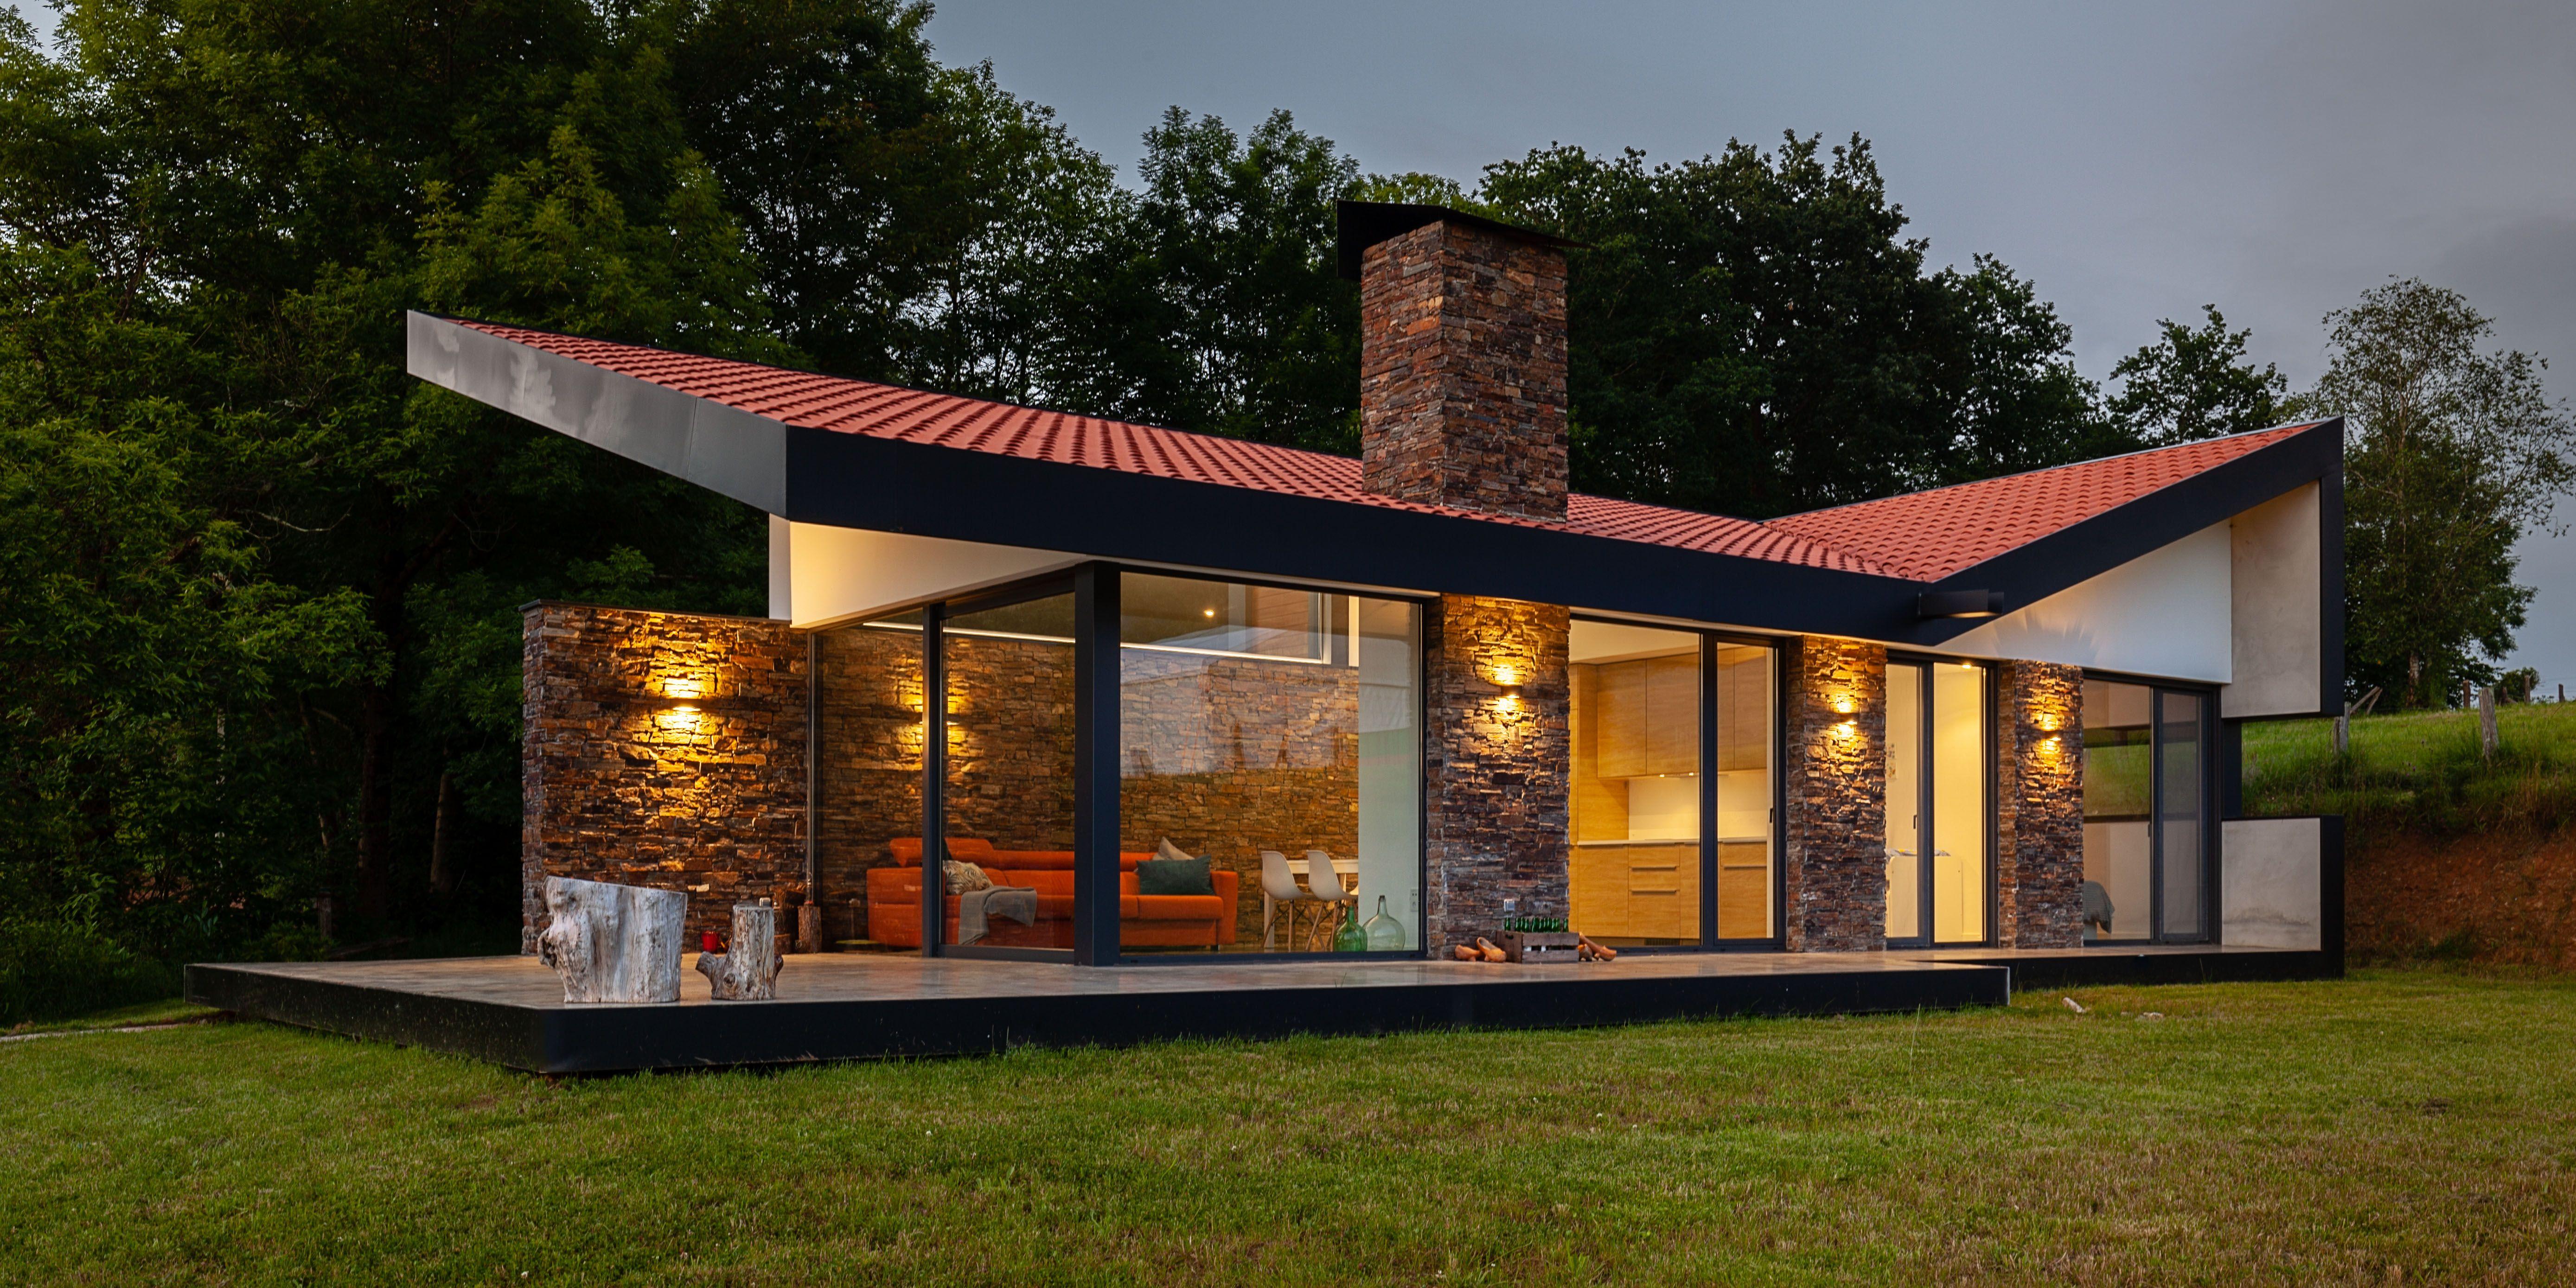 Casa Piloneta Tagarro De Miguel Arquitectos Arquitectos Arquitectura Diseno Casas Modernas